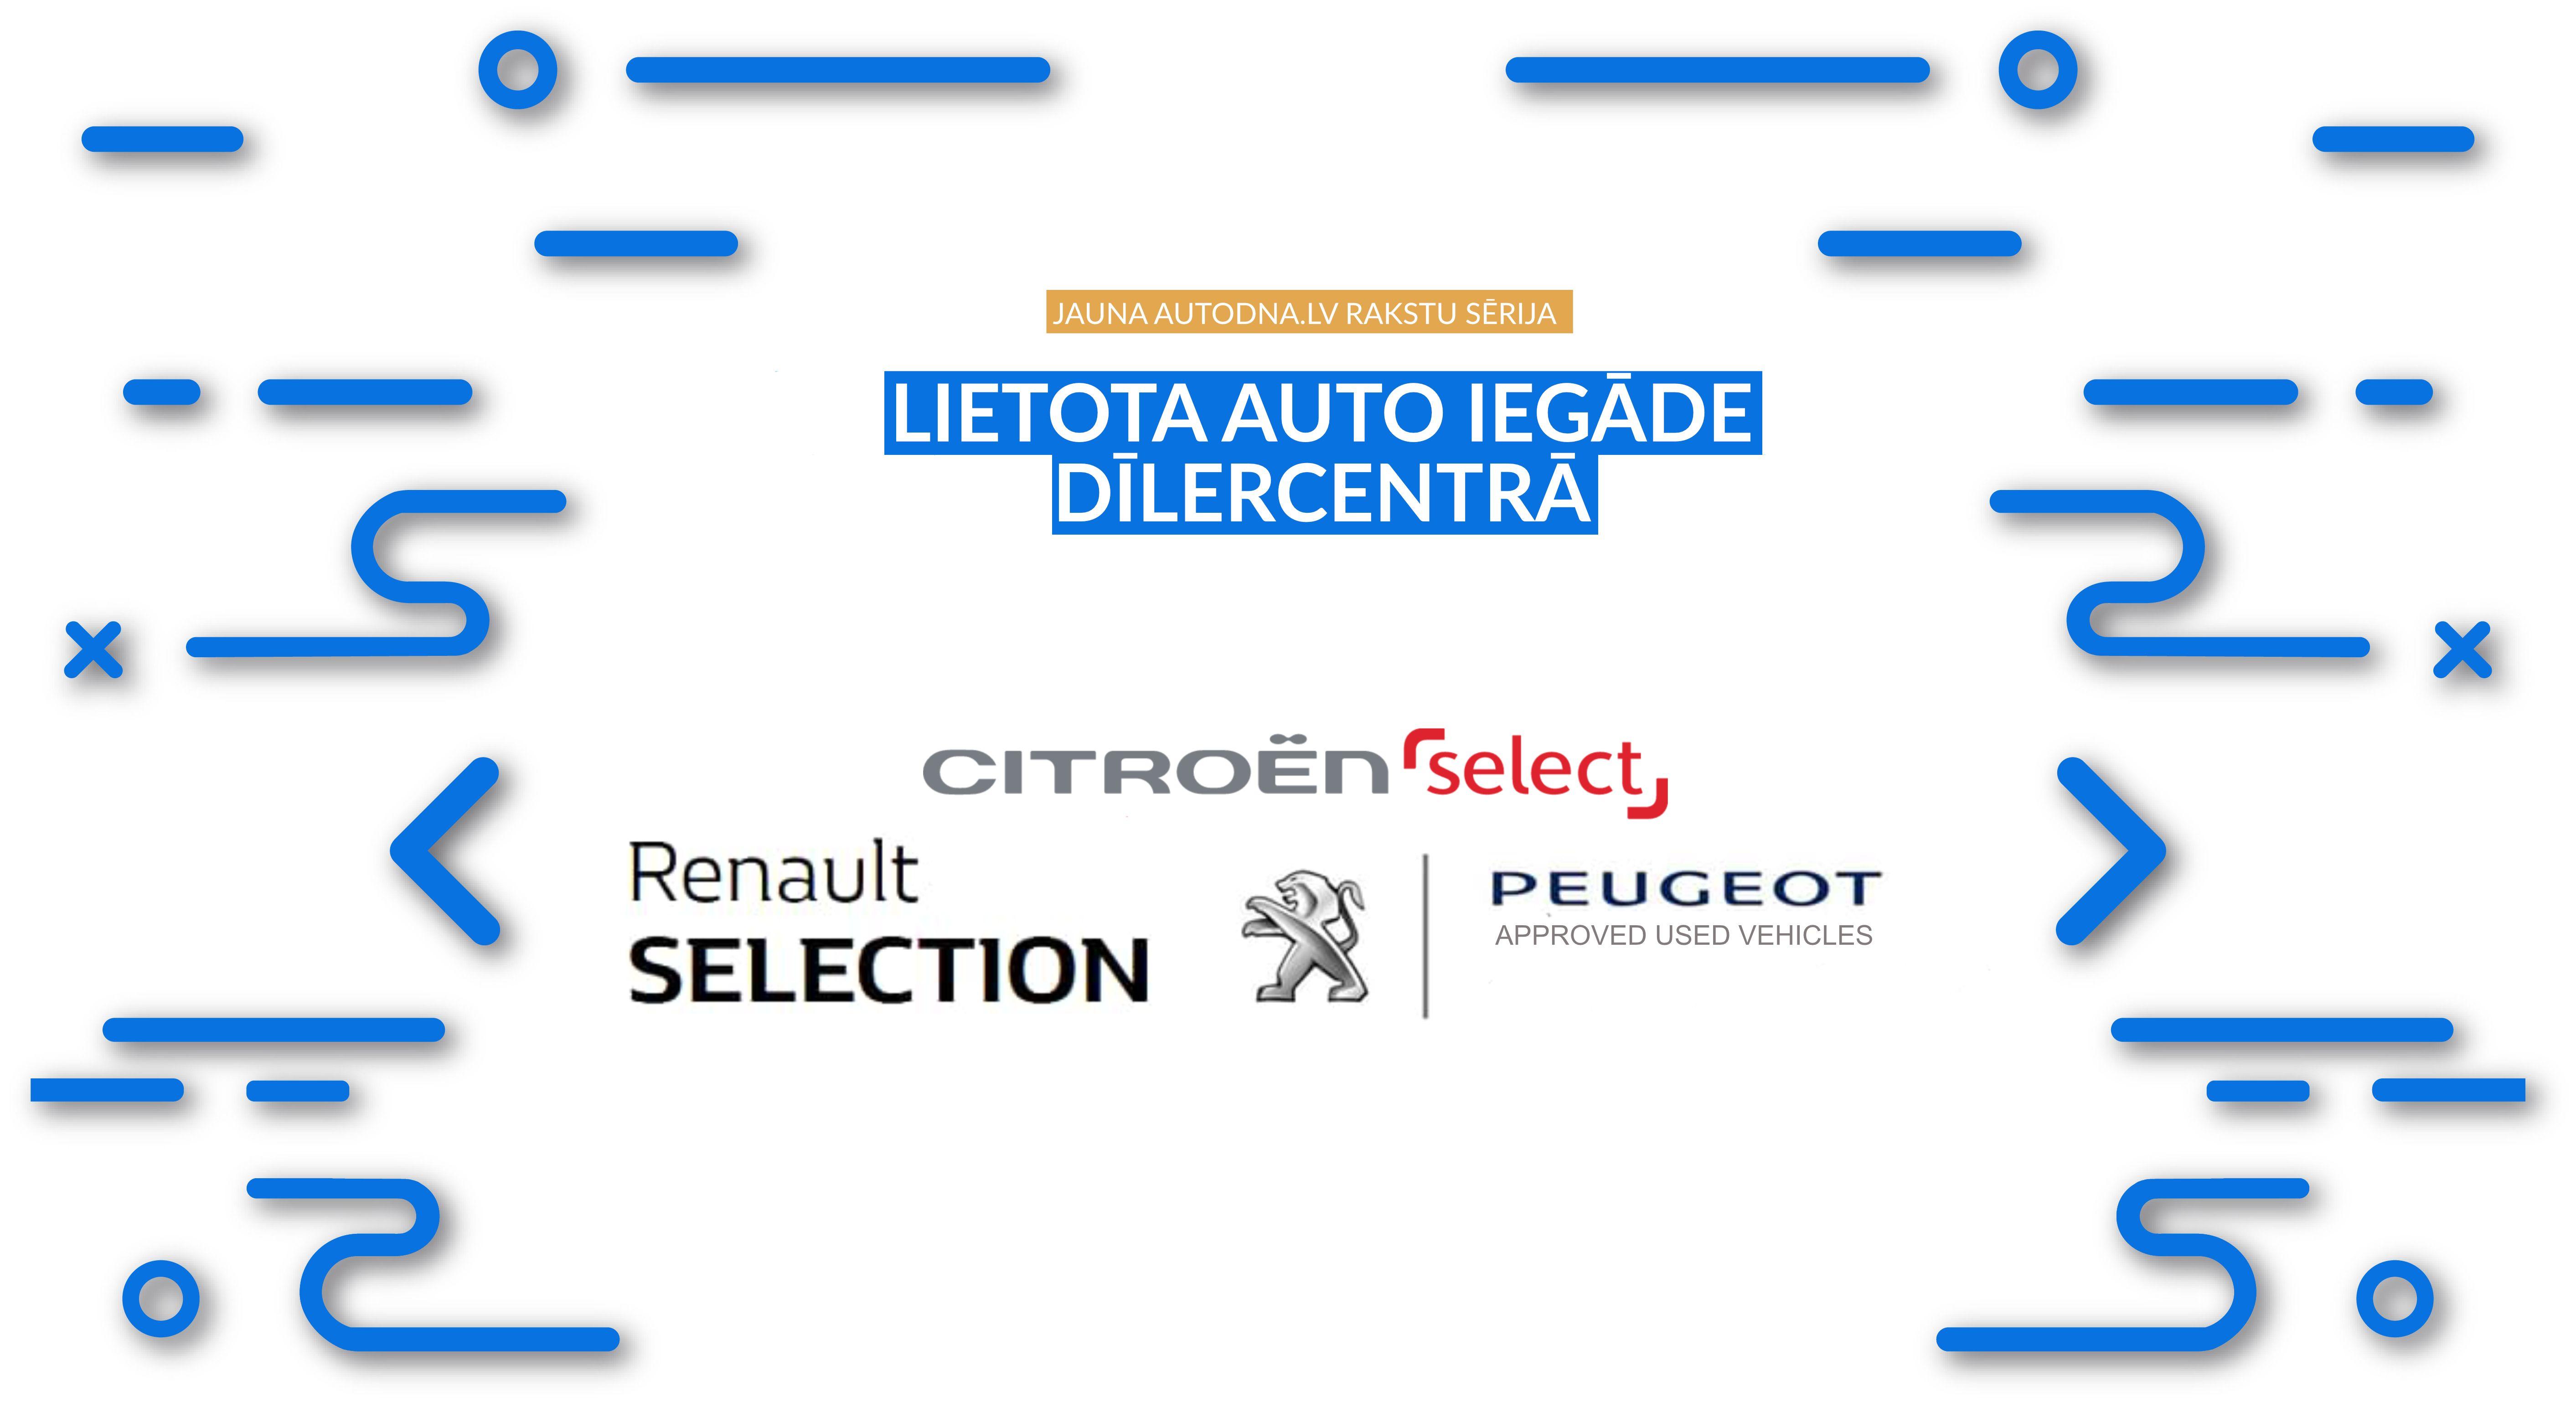 Lietots automobilis pie dīlera Citroën, Peugeot, Renault